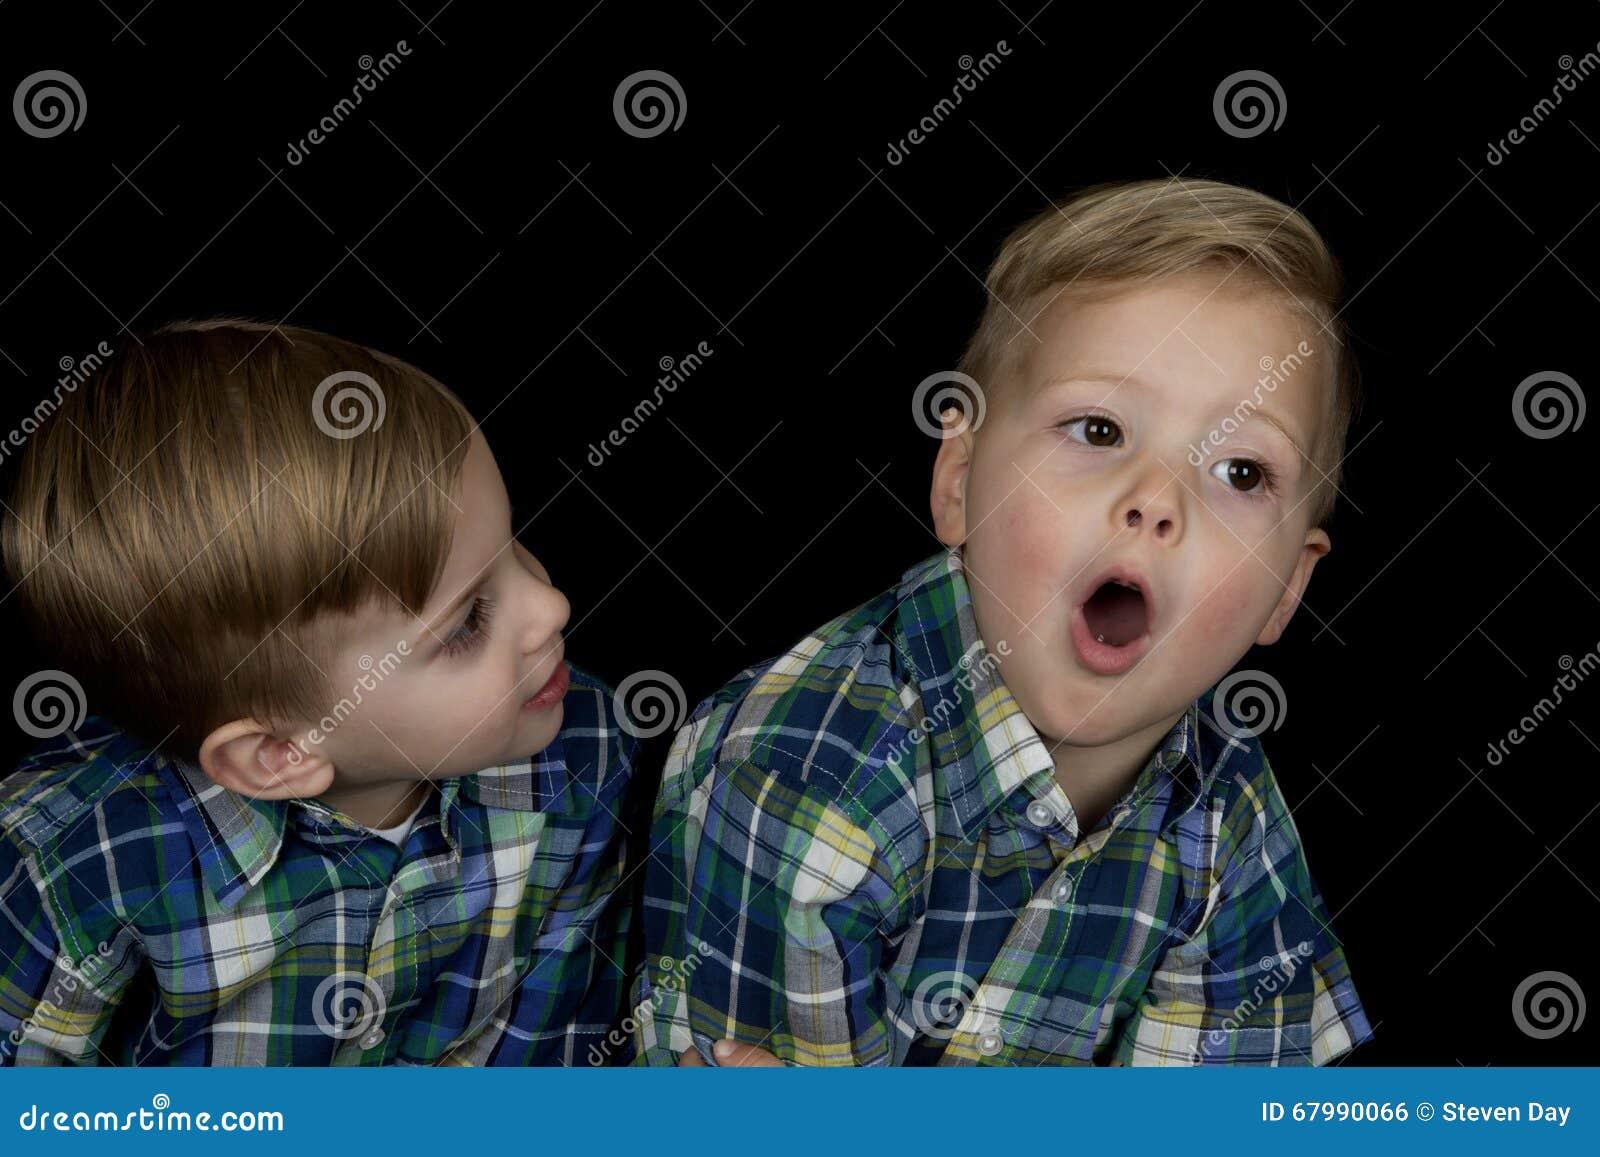 Retrato cândido de dois meninos novos que vestem camisas de harmonização